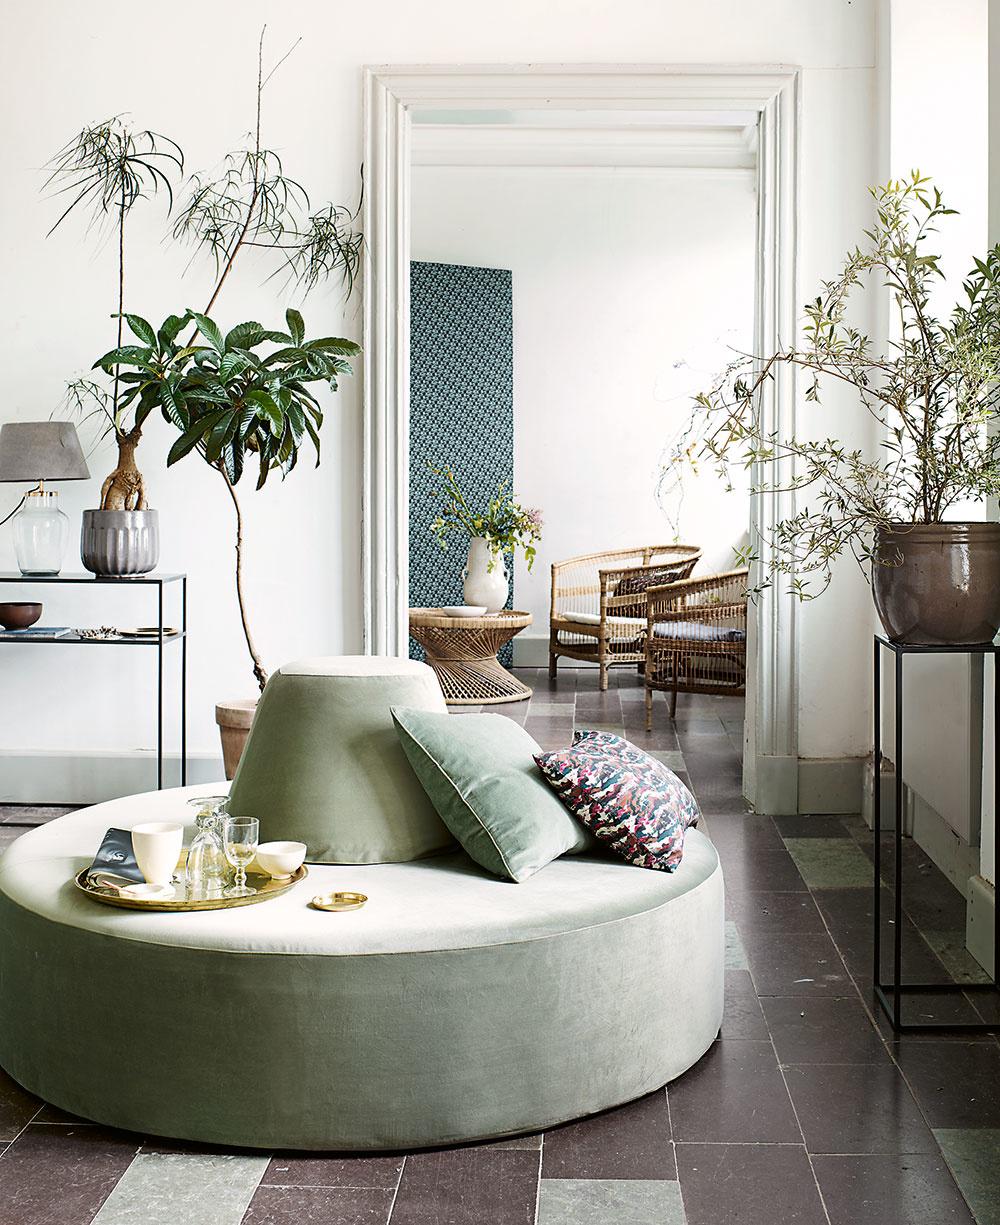 Veľký nábytok, veľké rastliny, veľké doplnky. Nie je nič lepšie pre veľkú obývačku. Veľké veci nebudú pôsobiť strateno anevýrazne. Nebojte sa použiť nadrozmerné obrazy, tie sklasickými rozmermi by tu zanikli. Rastliny môžu siahať od zeme pokojne až do dvoch metrov.